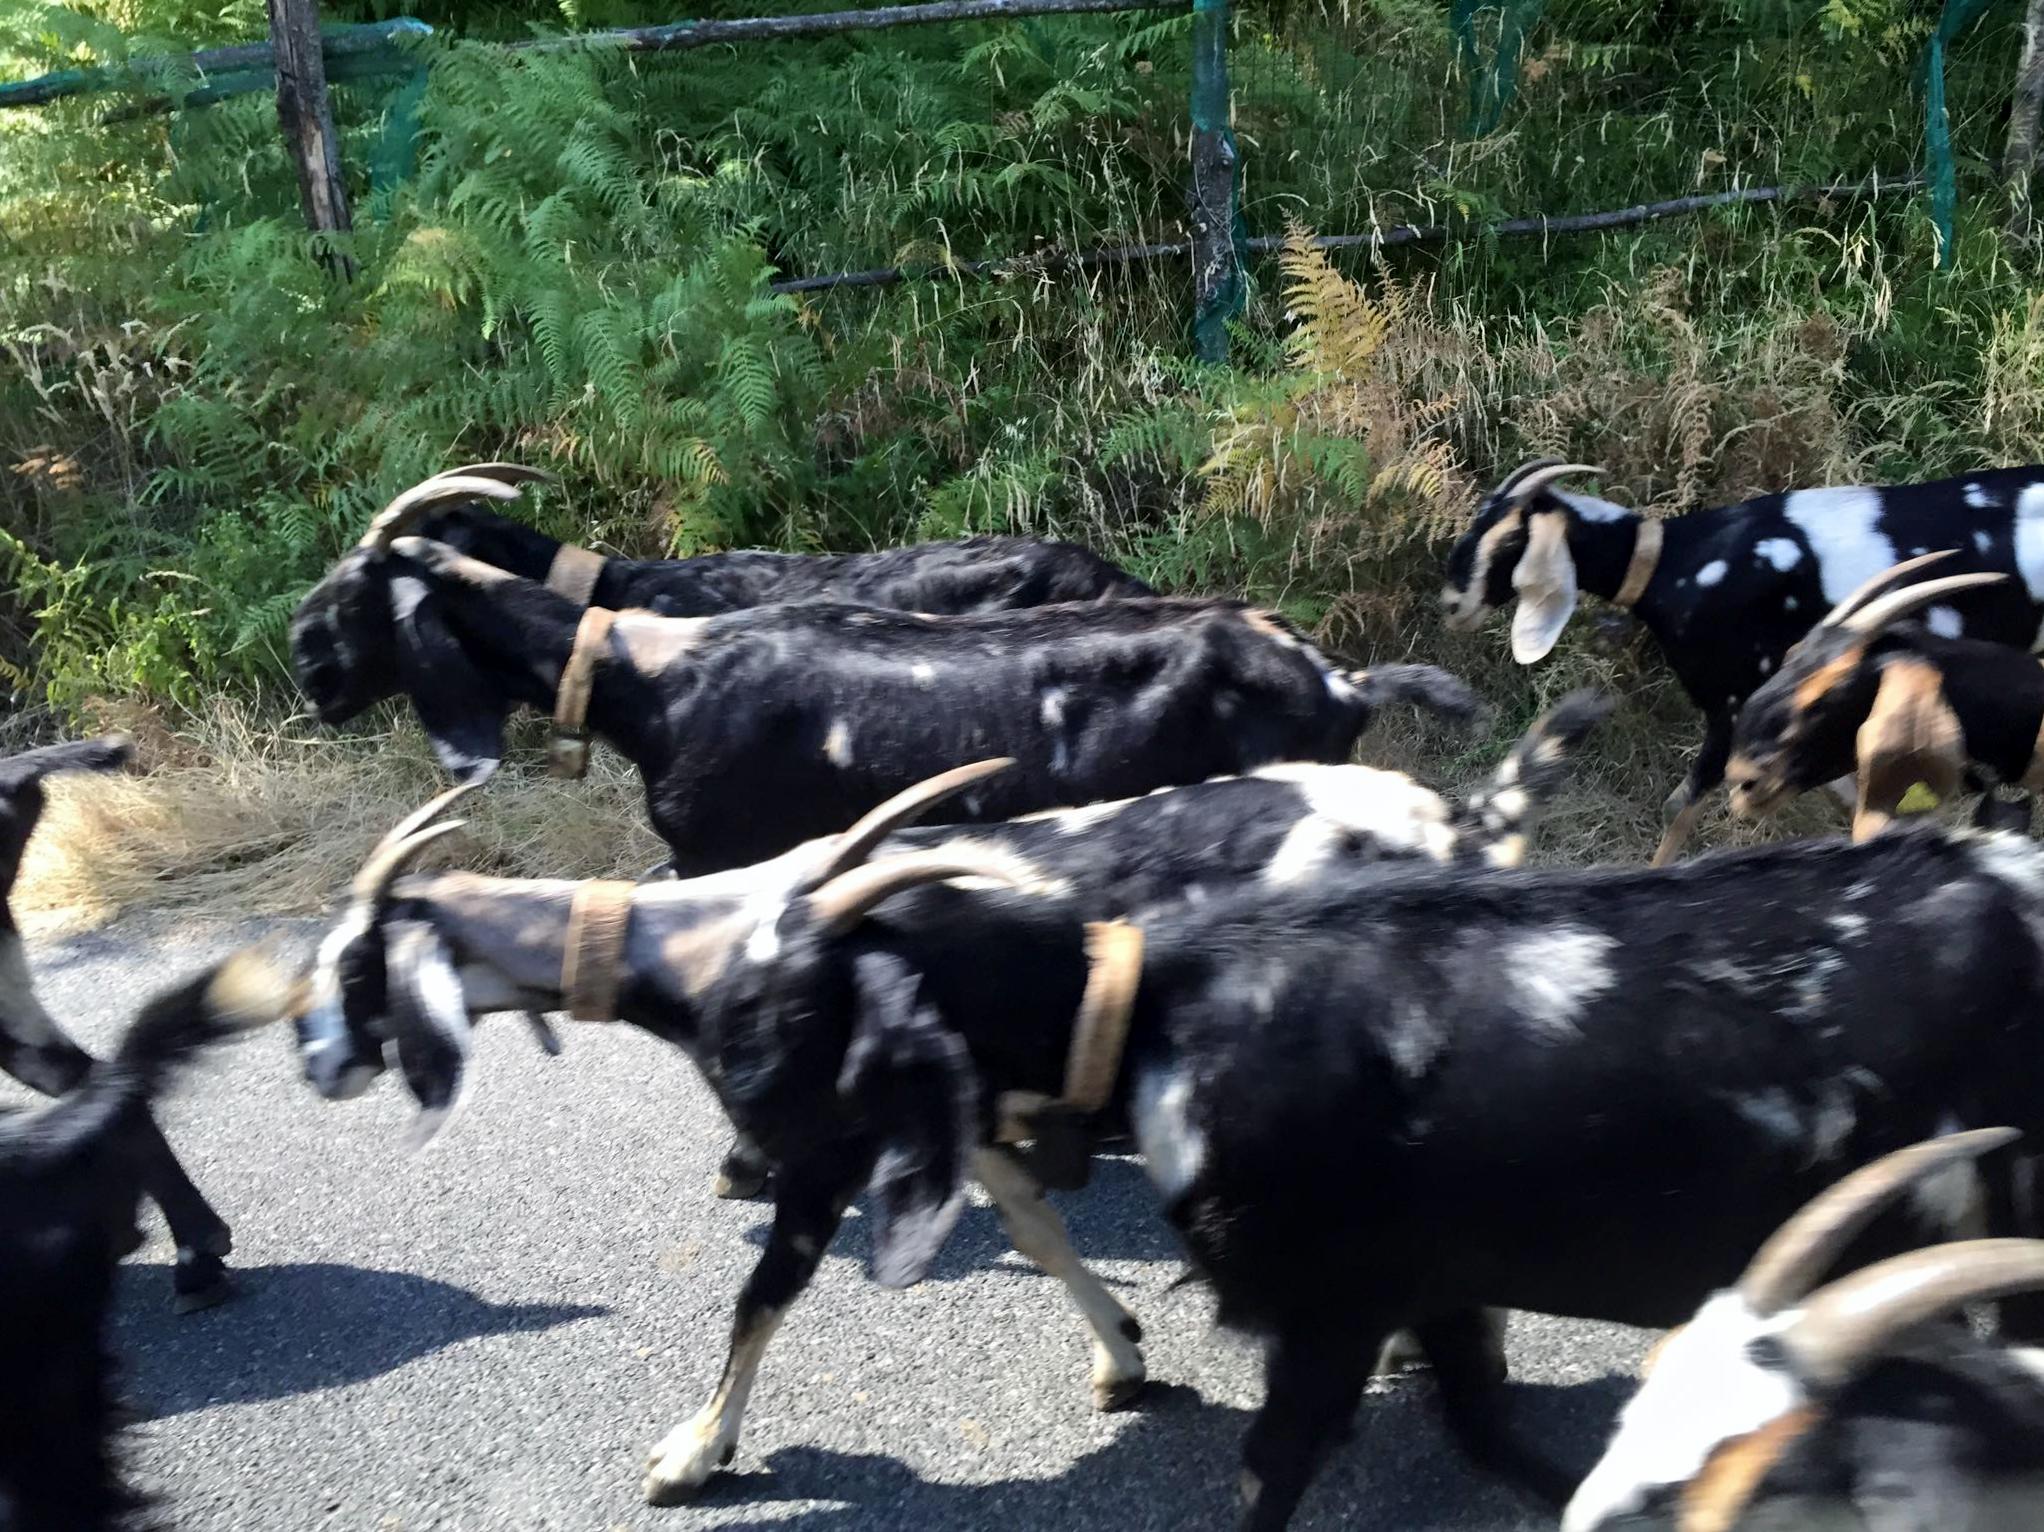 Goat herd in Ravello